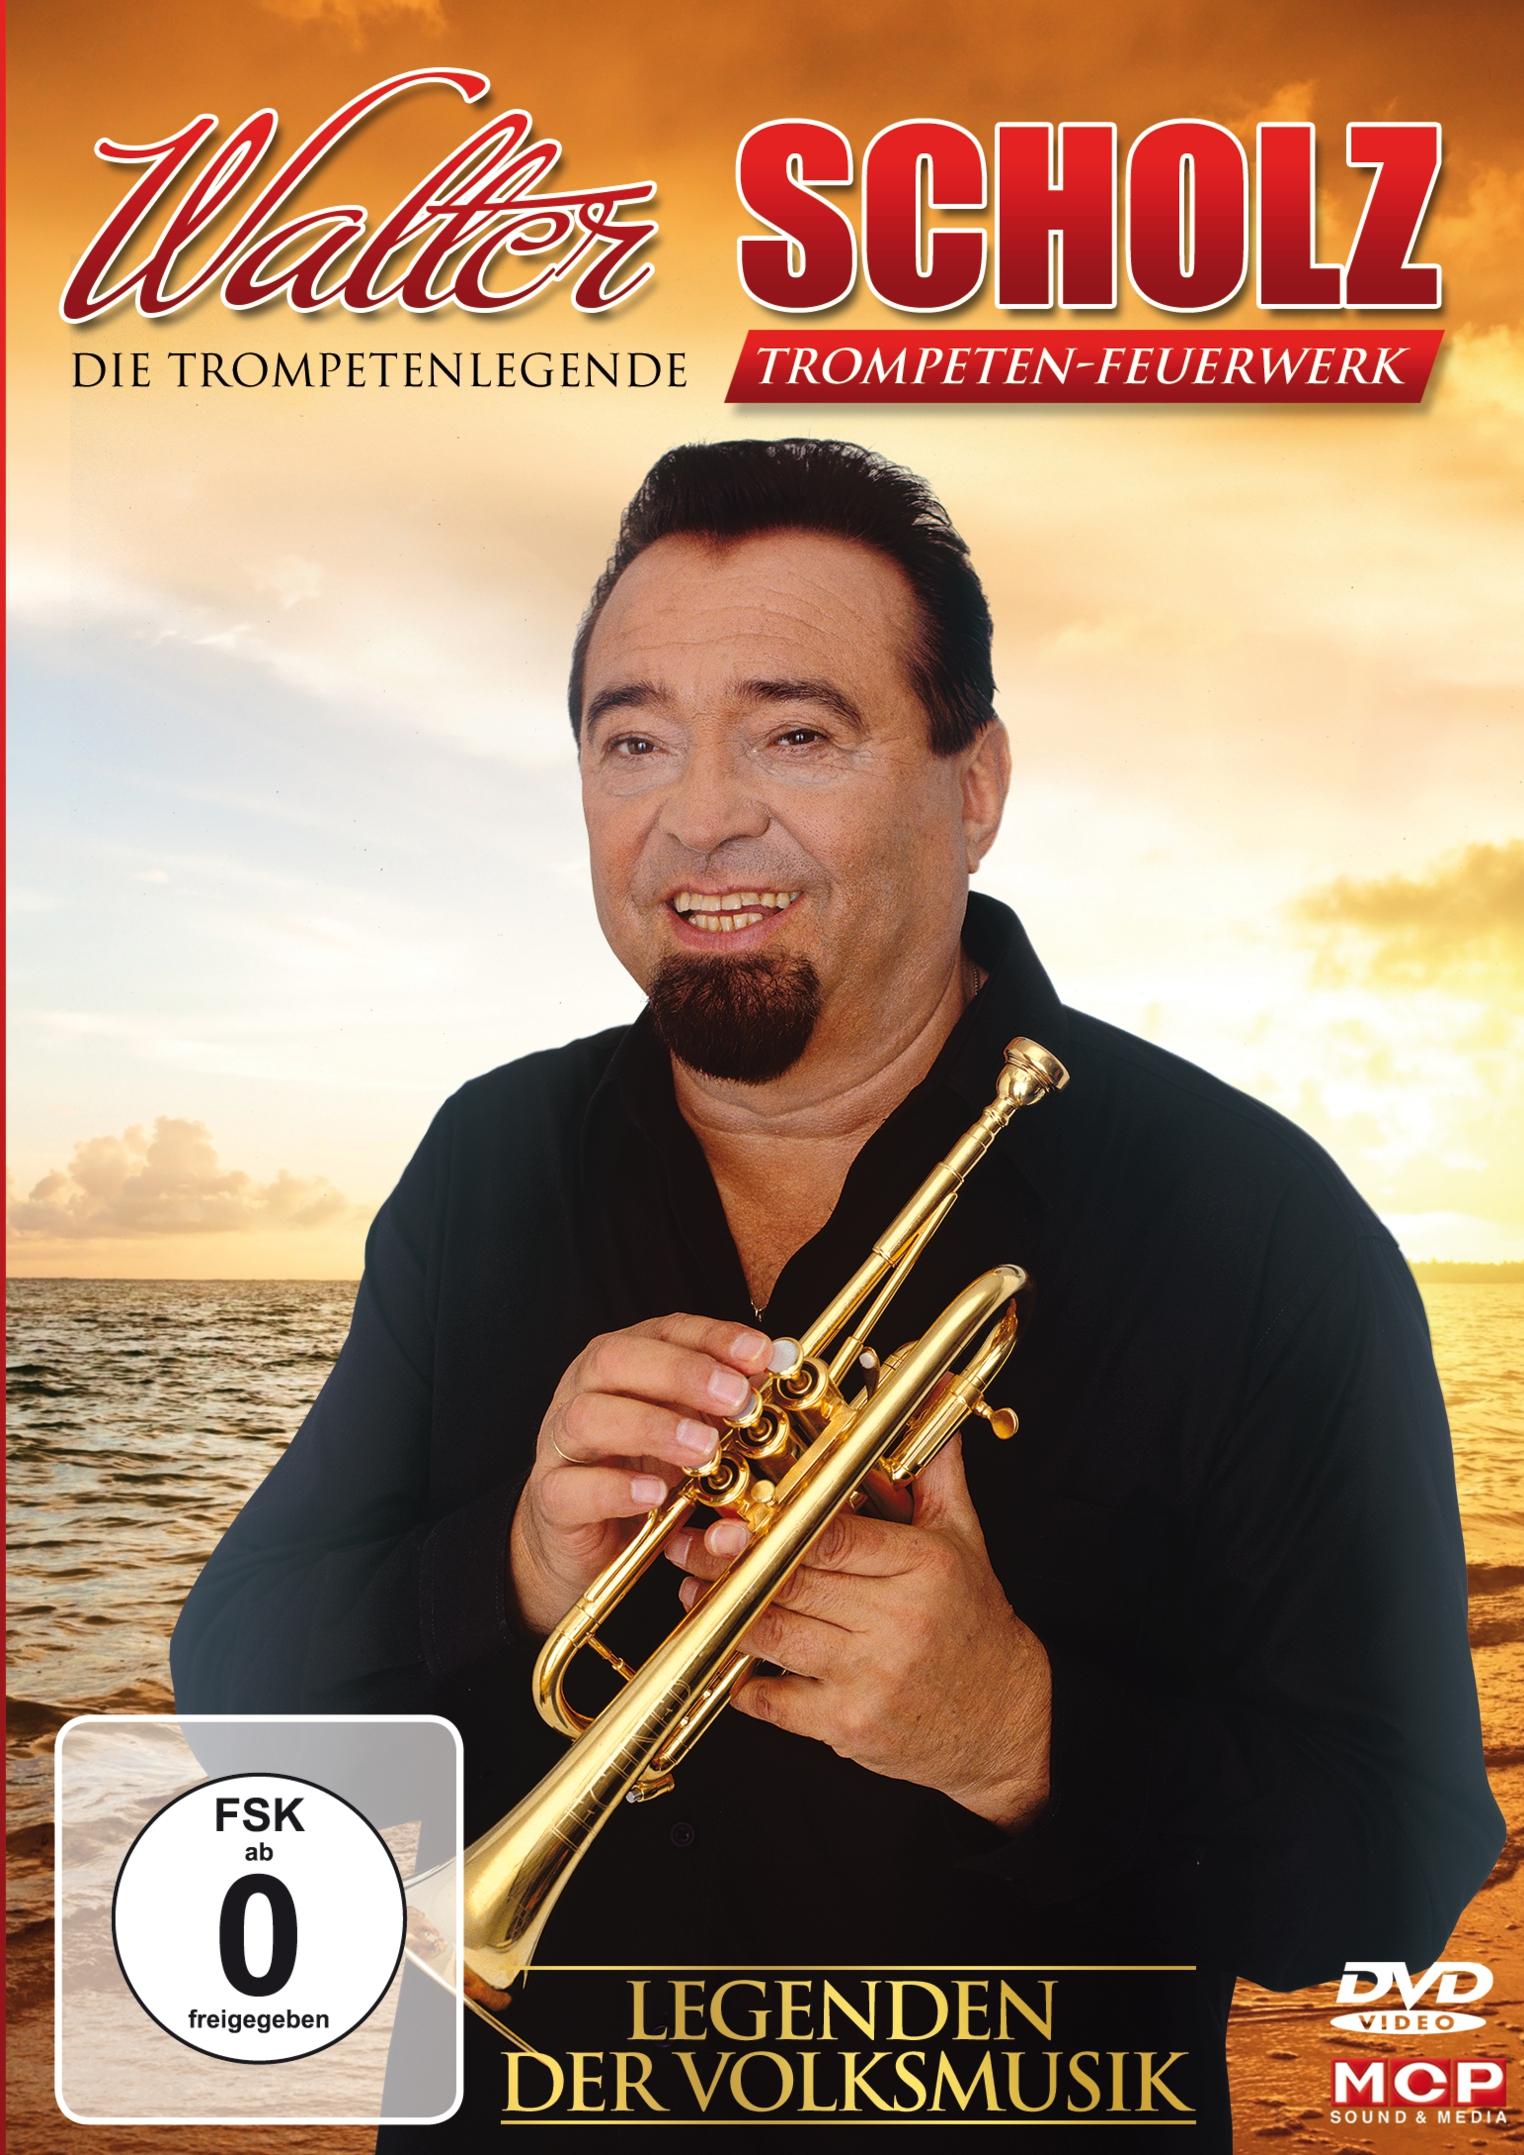 WALTER SCHOLZ - Legenden der Volksmusik (DVD 2017)